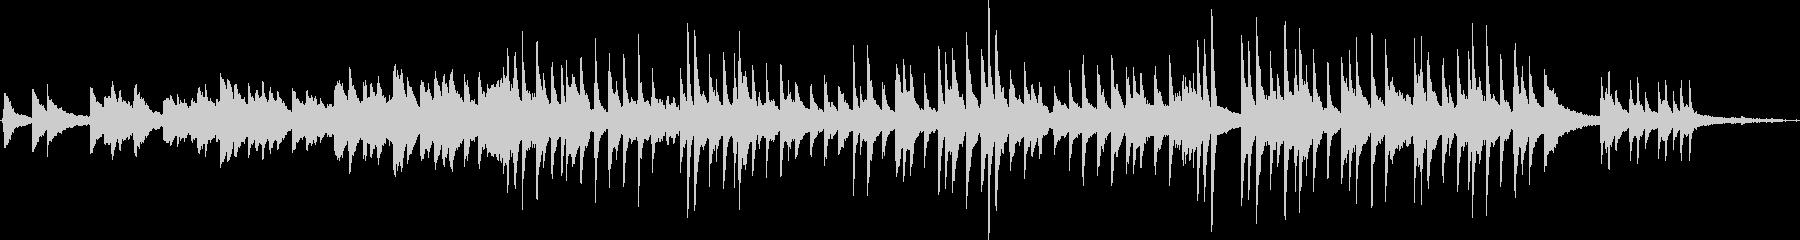 ホルスト「木星」のメロディをピアノソロでの未再生の波形